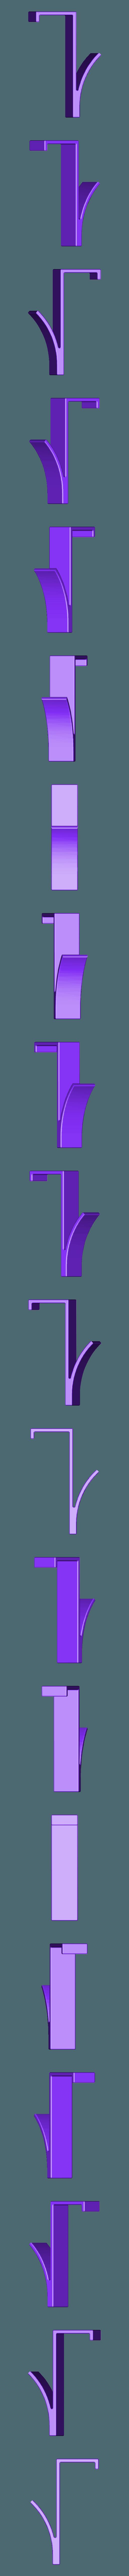 6Door_Hooks.STL Télécharger fichier STL gratuit Crochets de porte (10 tailles différentes) • Design pour impression 3D, Saeid